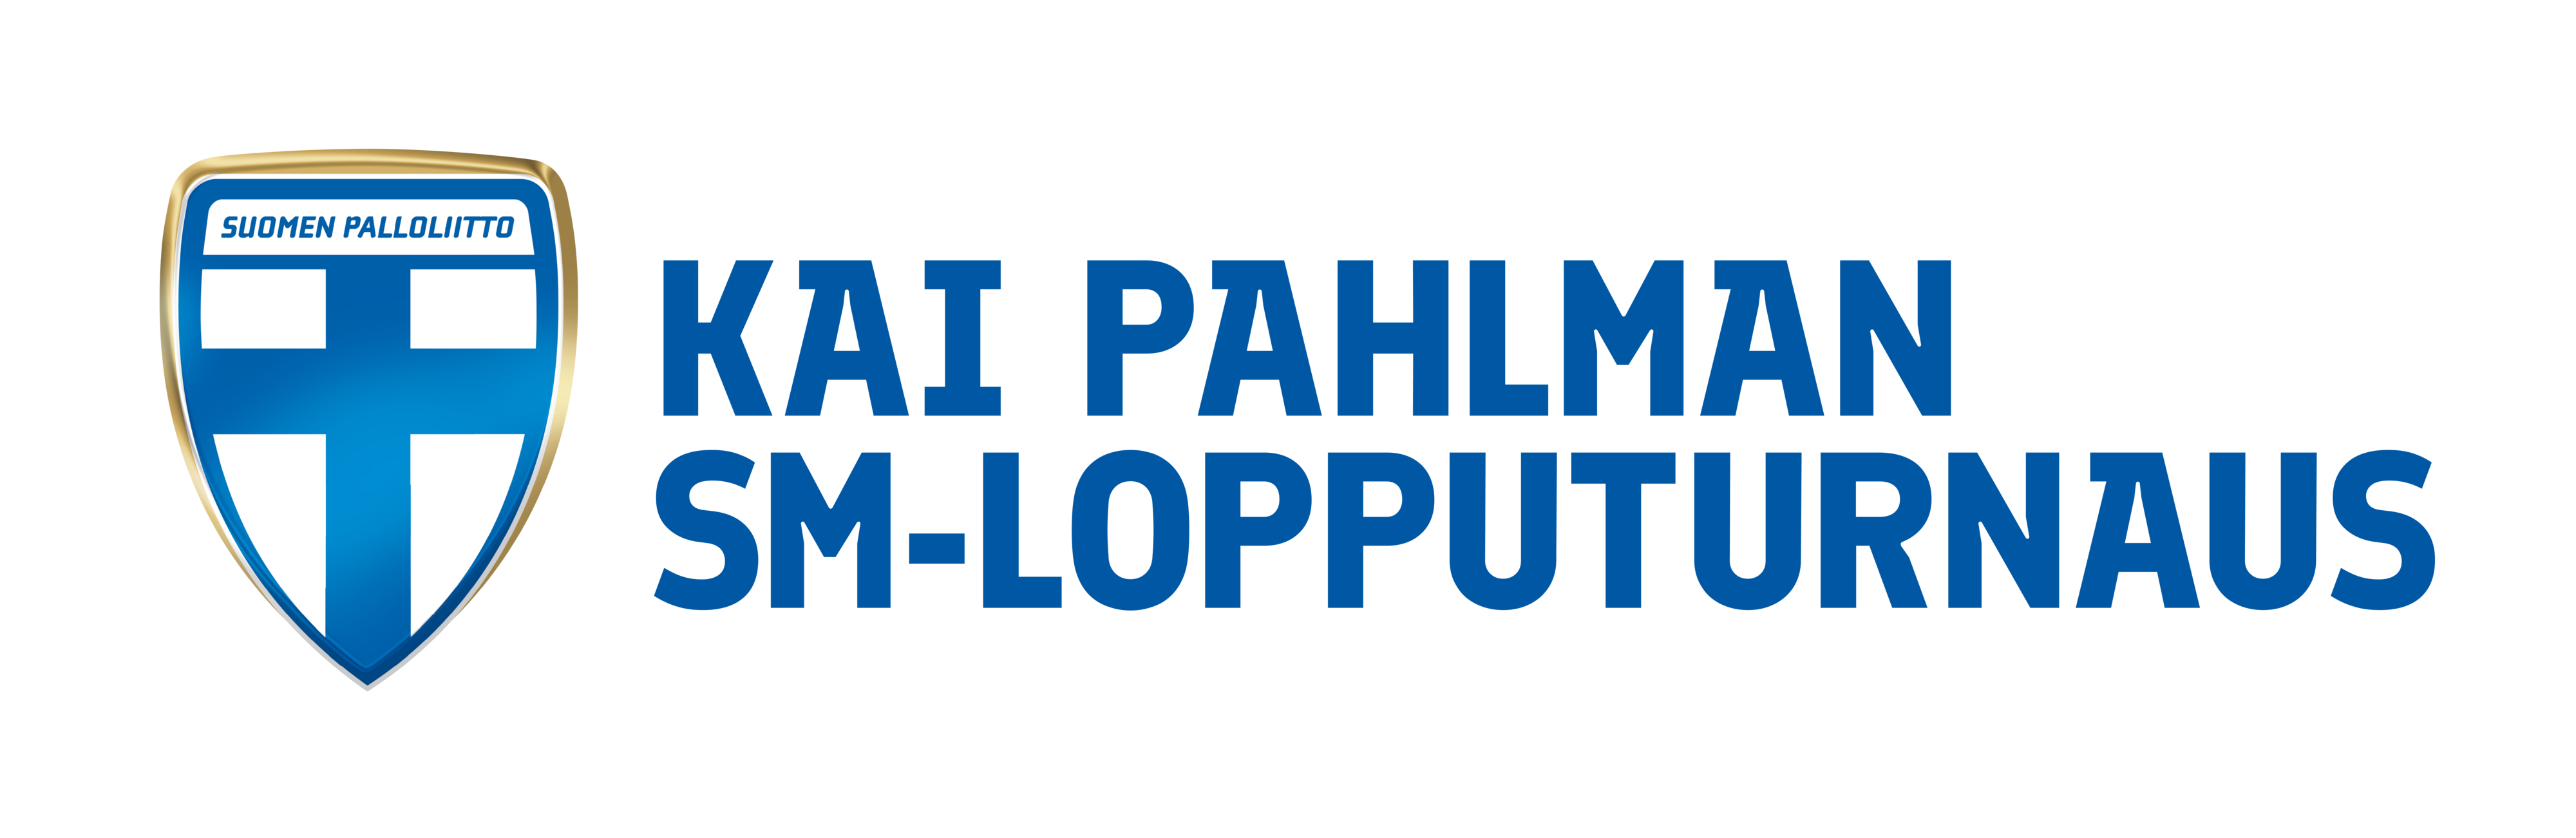 KaiPahlmanTurnaus 3d logo1